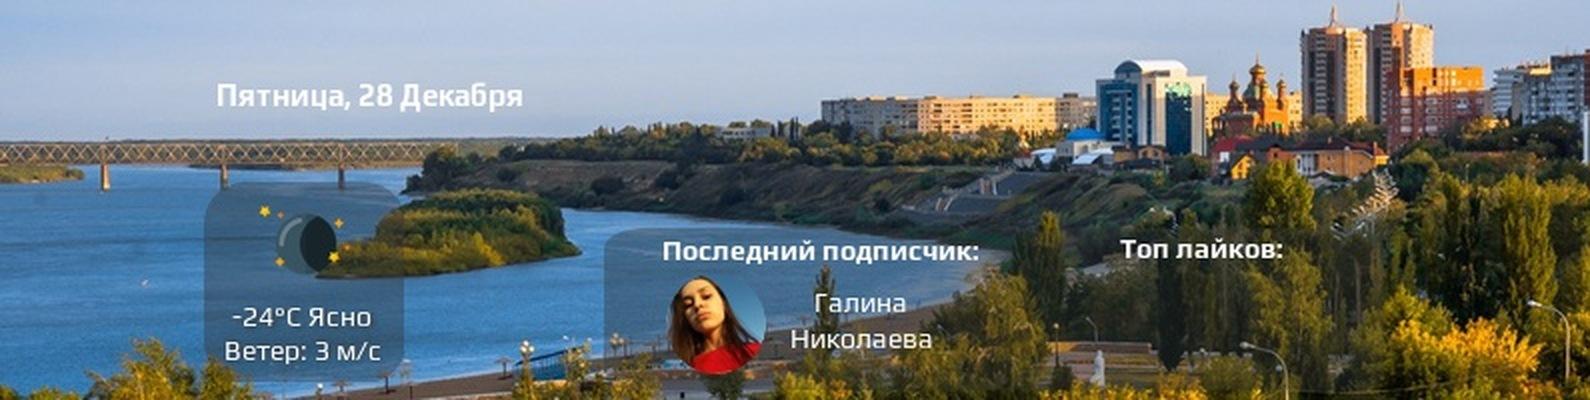 Телеканал ирбис павлодар официальный сайт